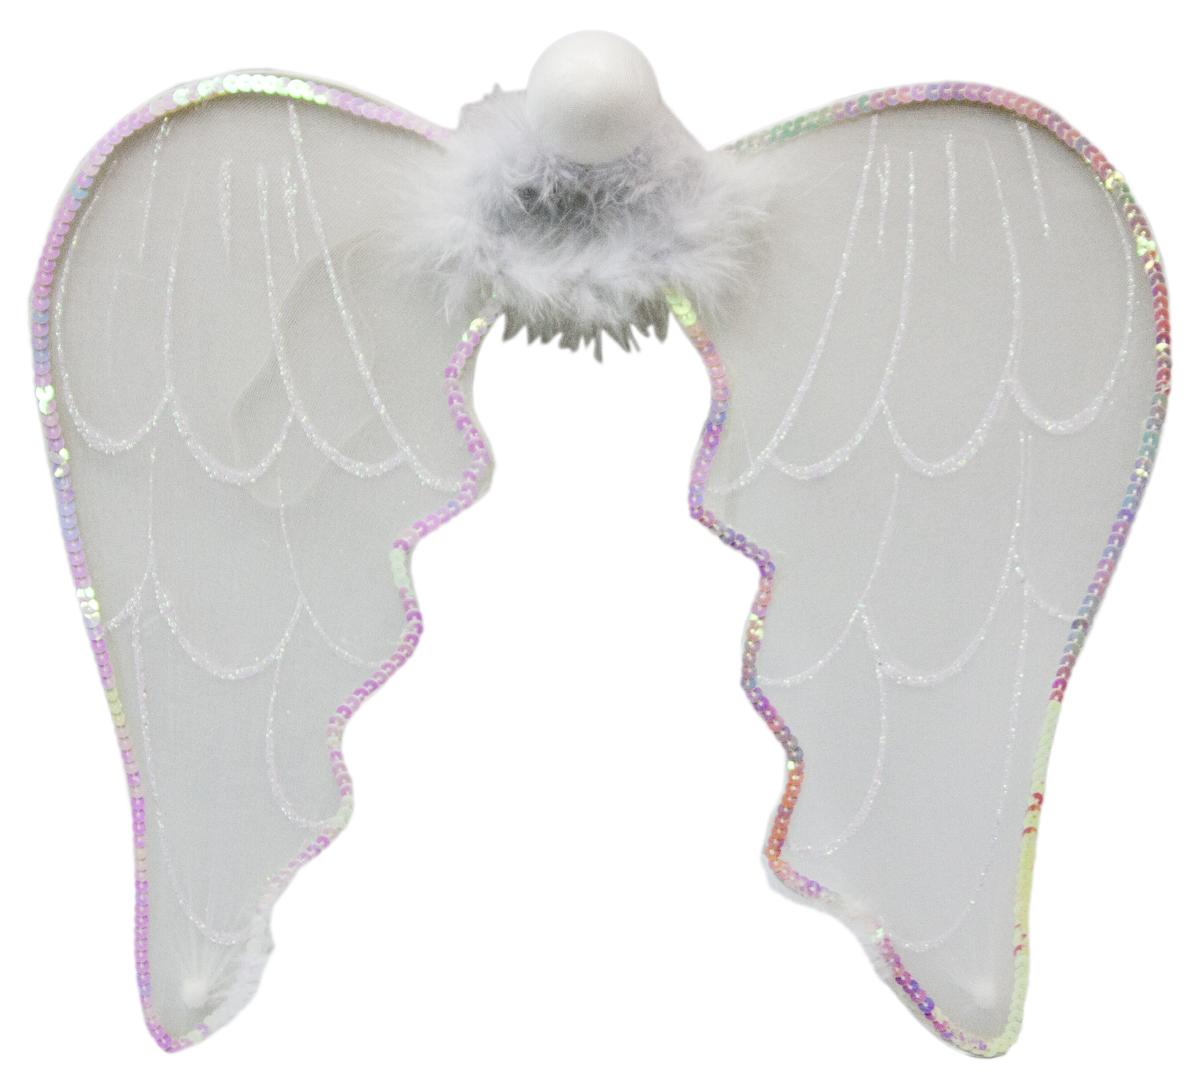 Карнавальный набор Lovemark Ангел, 3 предмета карнавальный набор шампания бабочка ободок с пух палочка